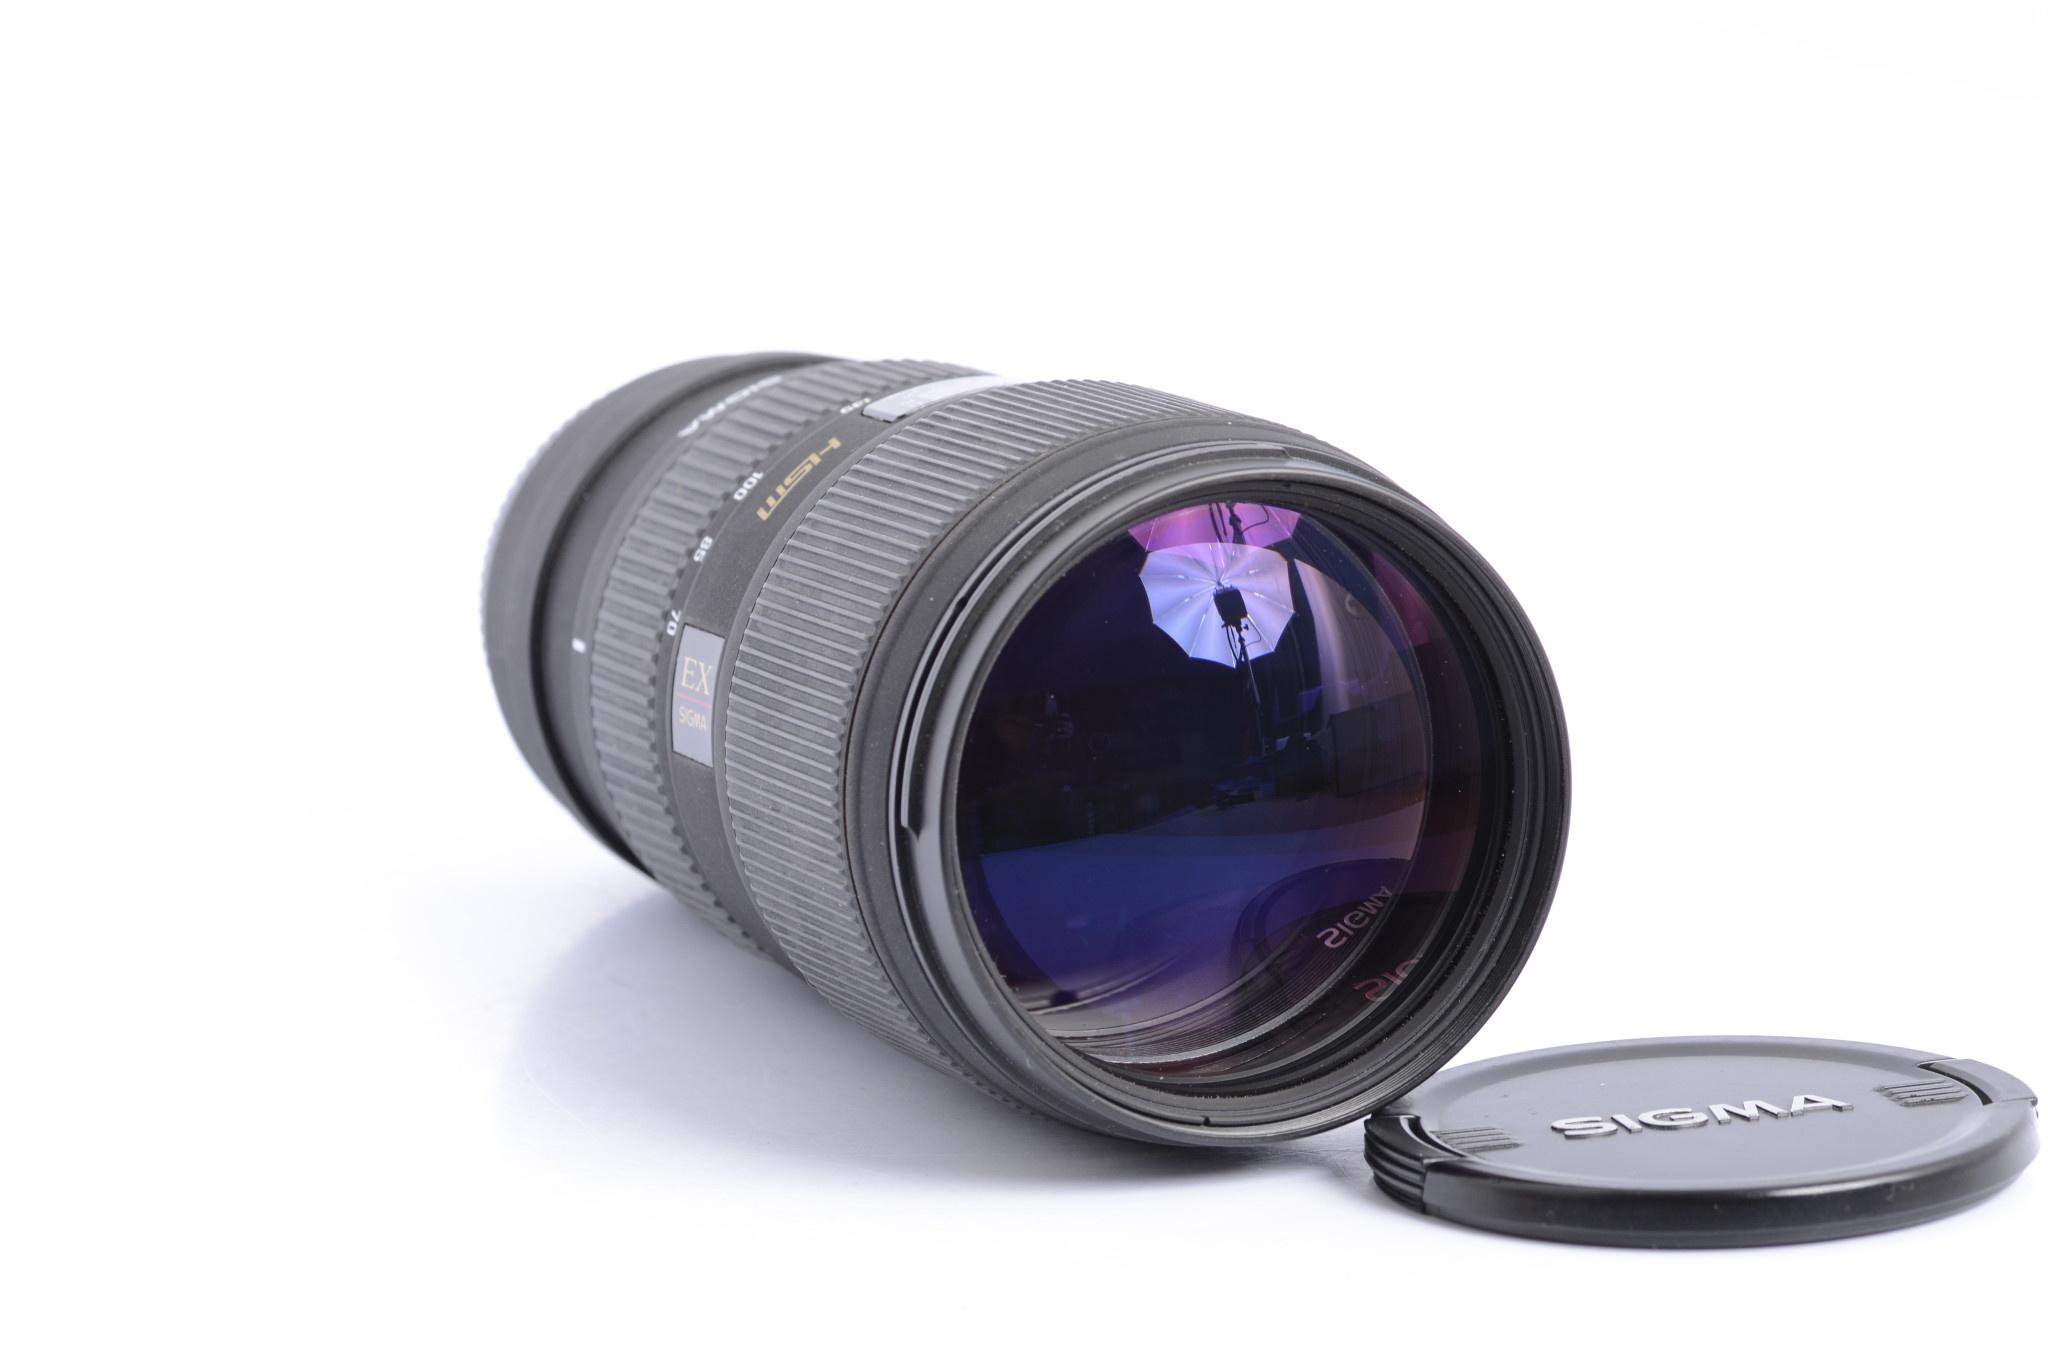 Sigma Sigma 70-200mm f/2.8 APO HSM EX for Canon